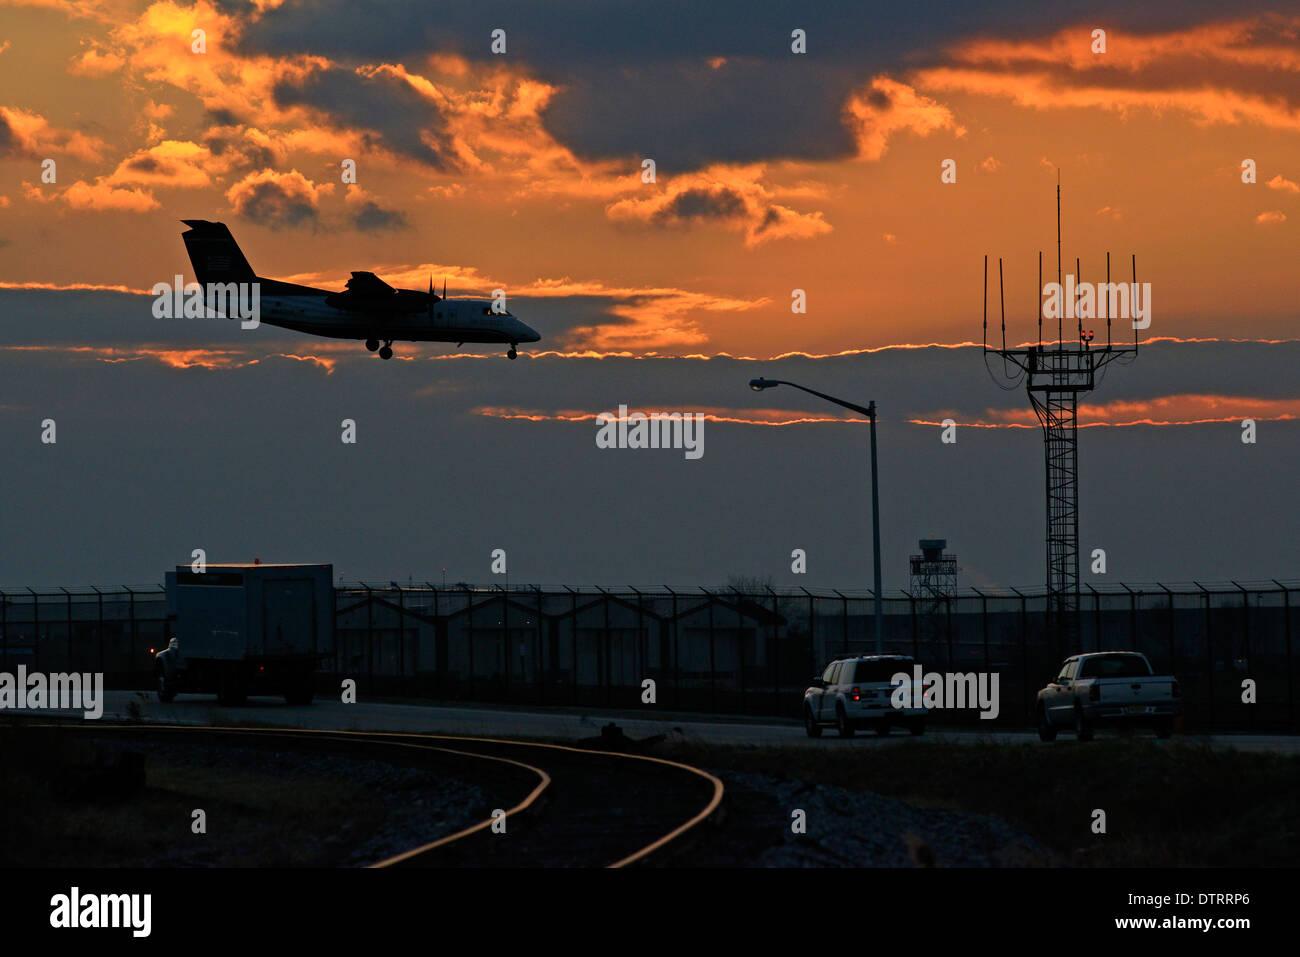 Los viajes aéreos en el Aeropuerto Internacional de Filadelfia en Filadelfia, Pensilvania. Imagen De Stock